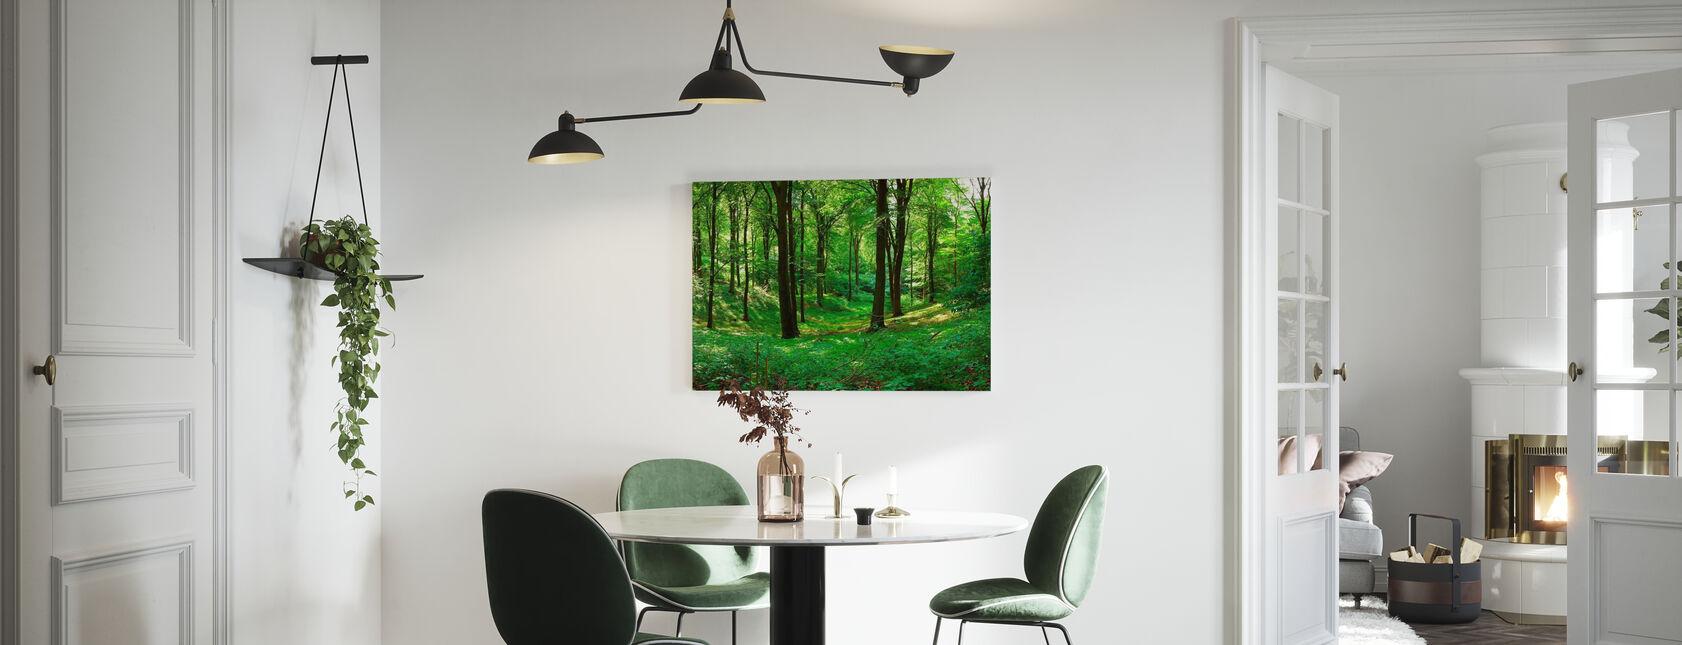 Panorama forest - Billede på lærred - Køkken